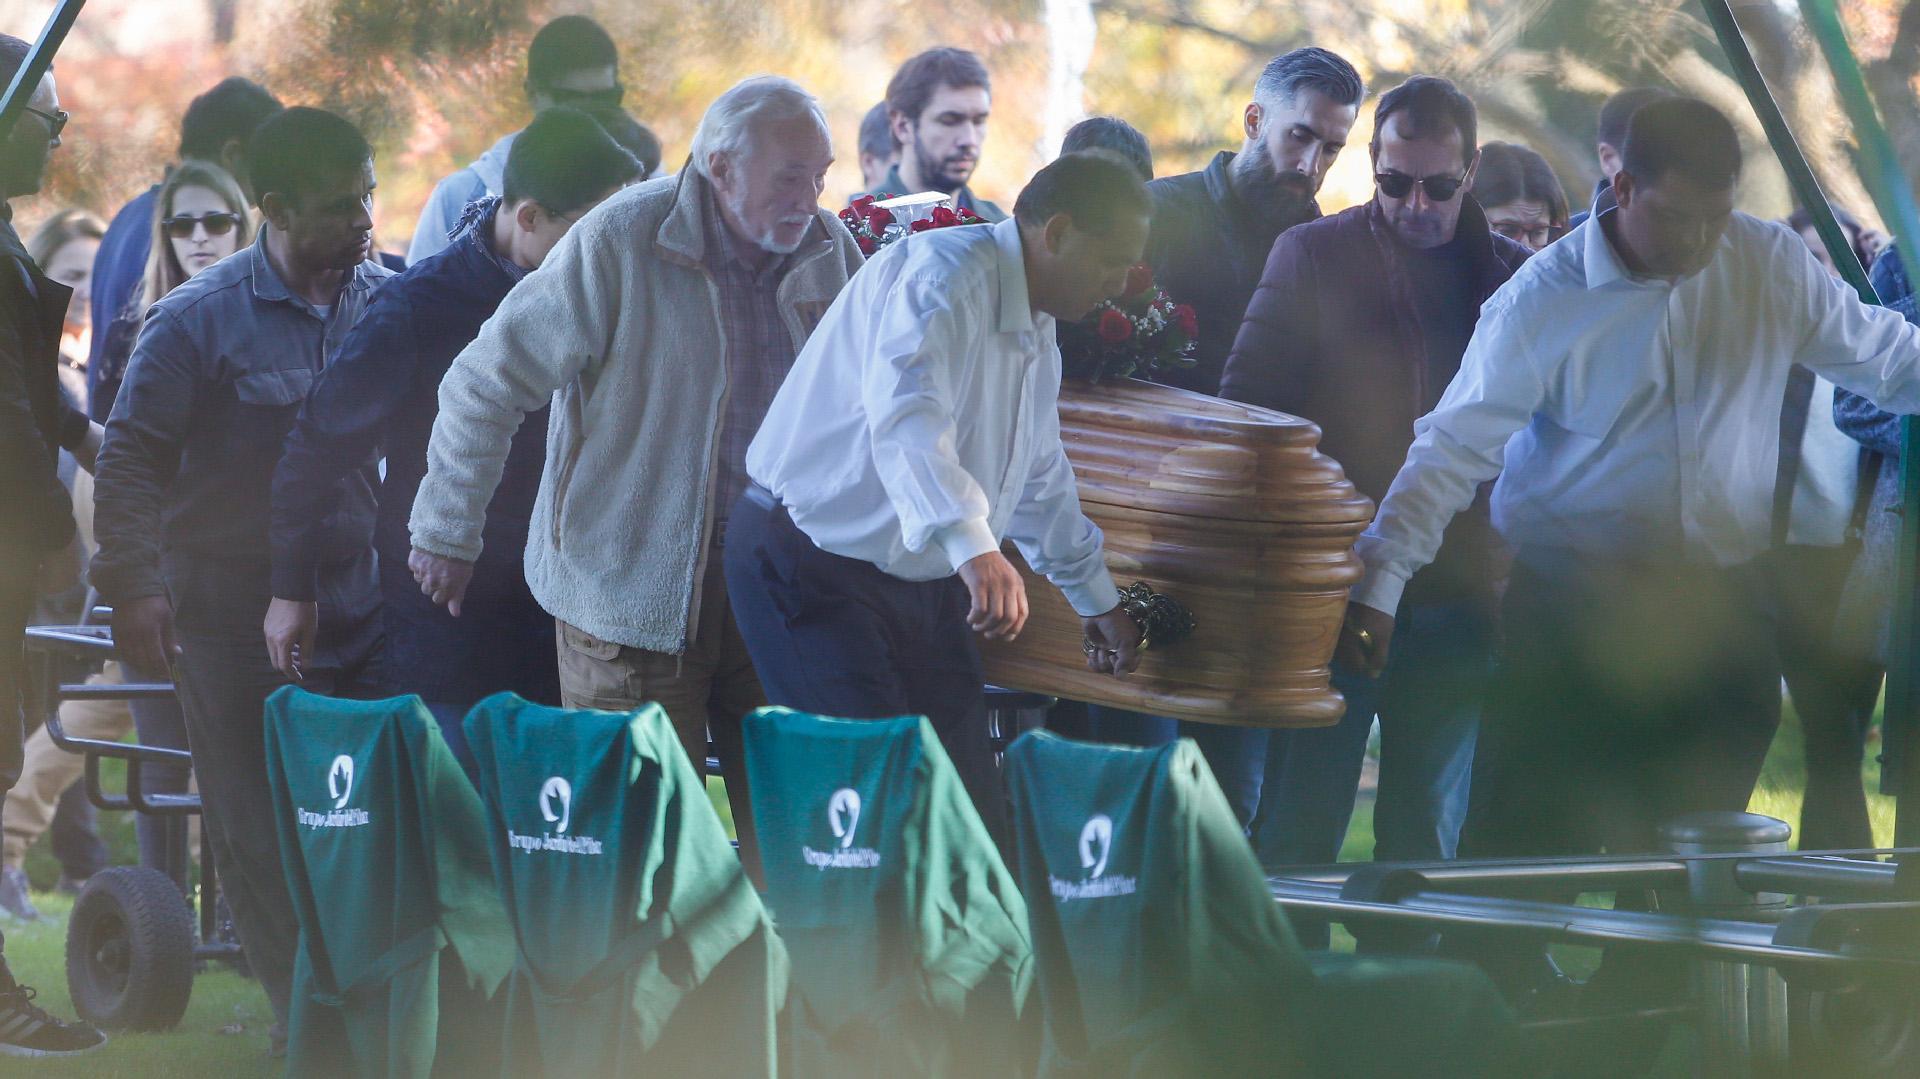 Su mujer, María, y su hijo, Álvaro, se reunieron con algunos amigos de su círculo más íntimo en Casa O'Higgins, en Belgrano, desde donde salió el cortejo fúnebre (Nicolás Aboaf)